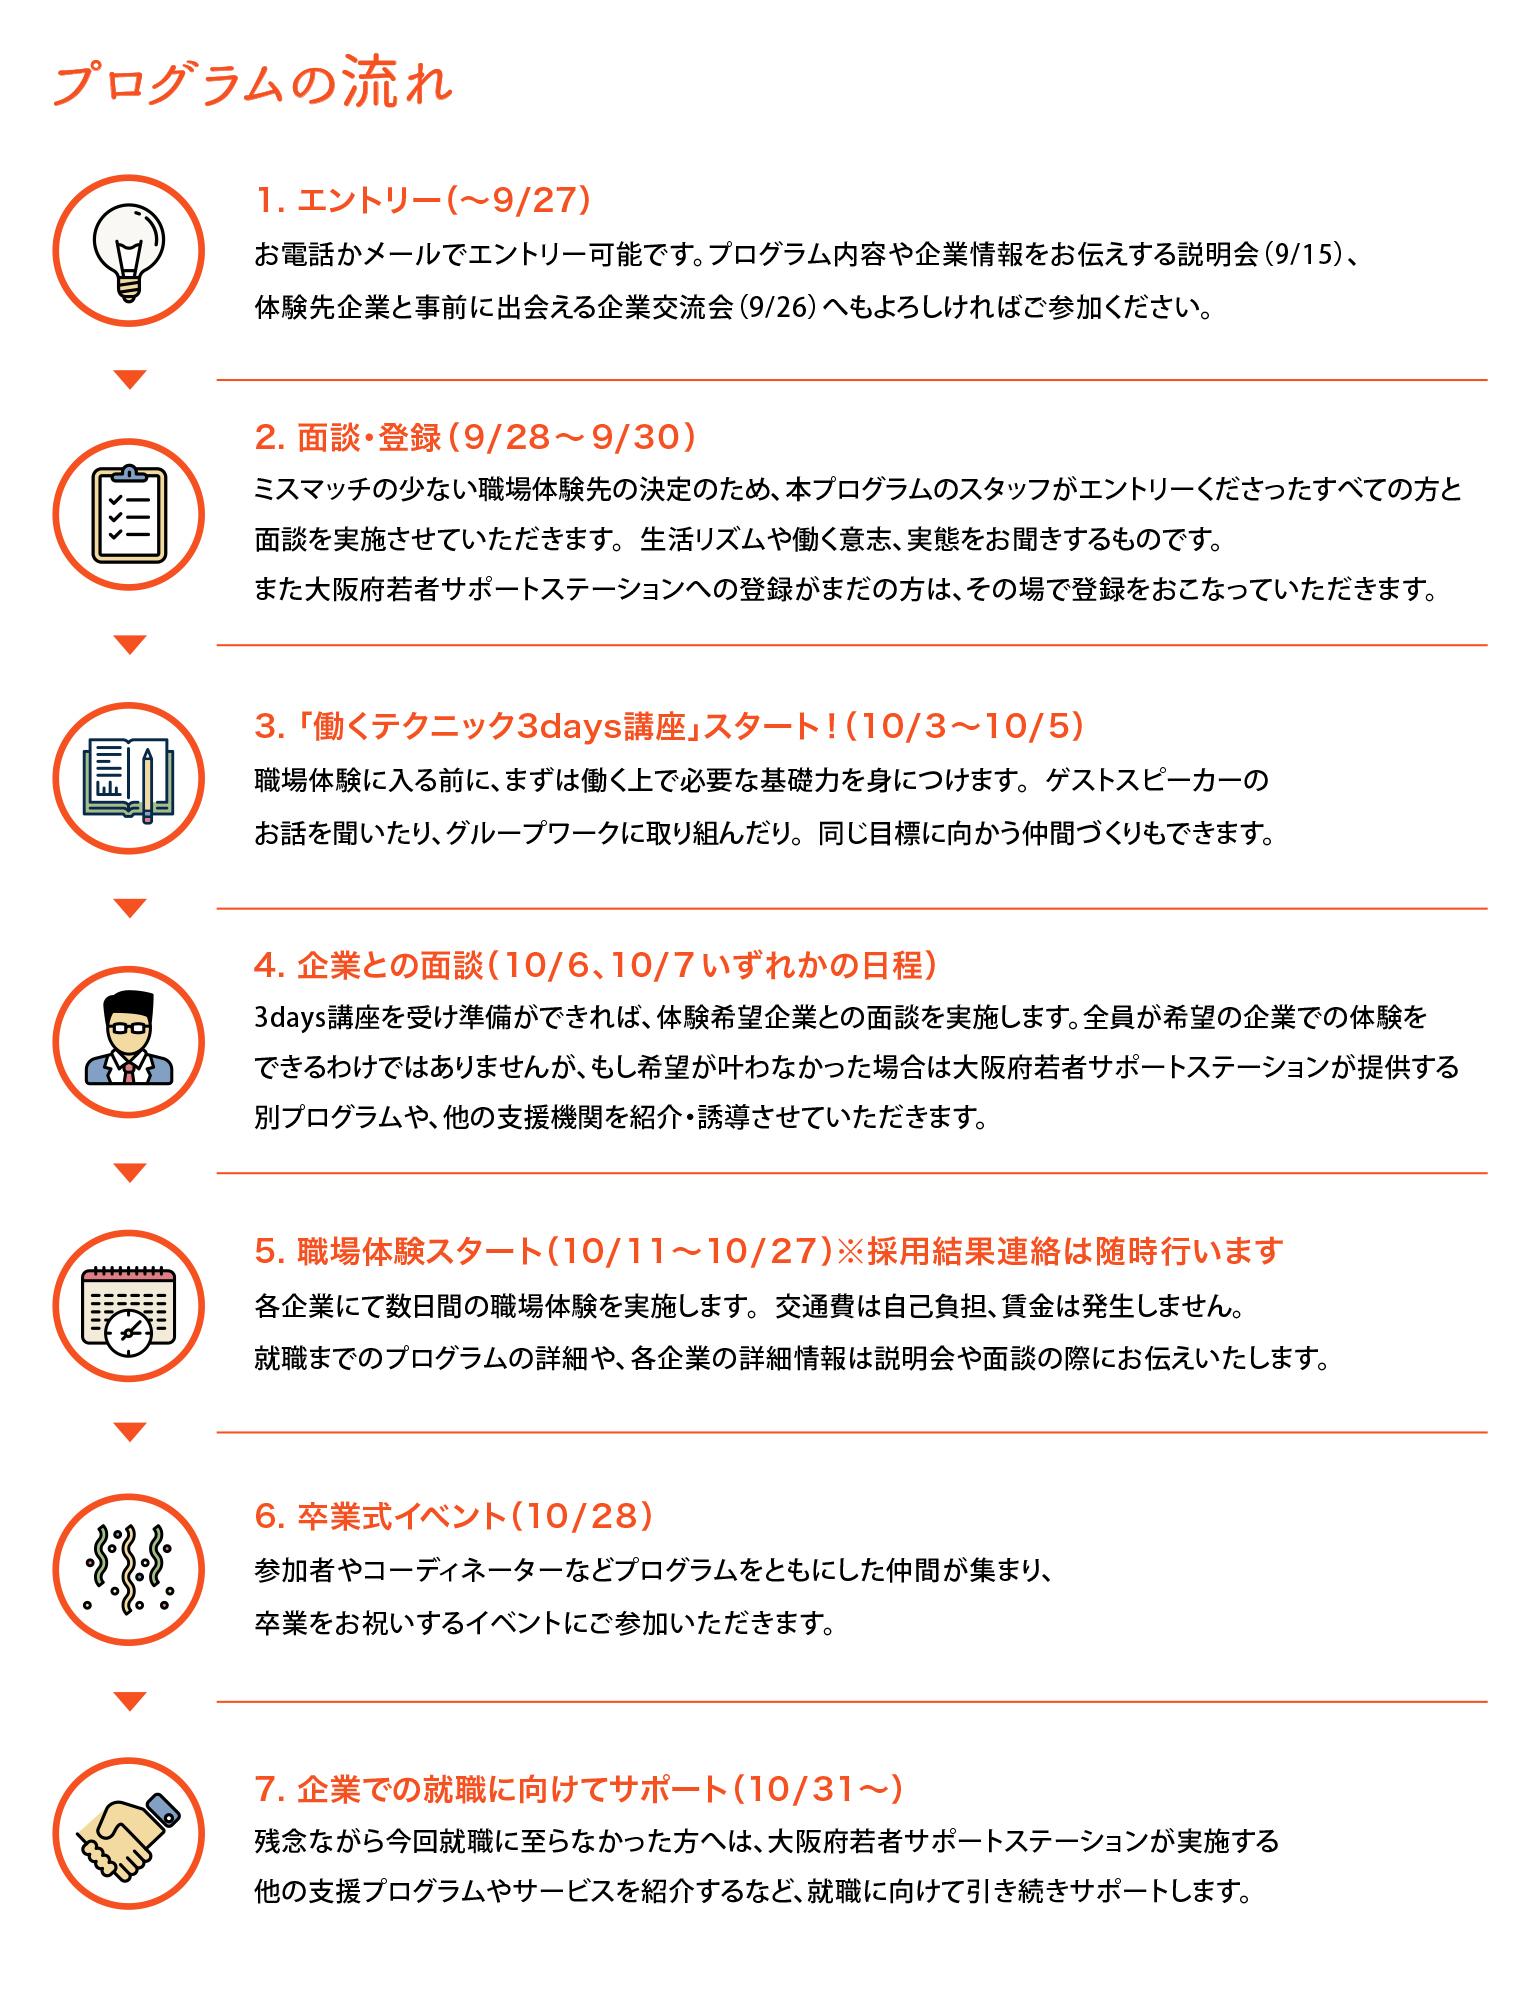 tsunagari_web_2016_flow_10_2